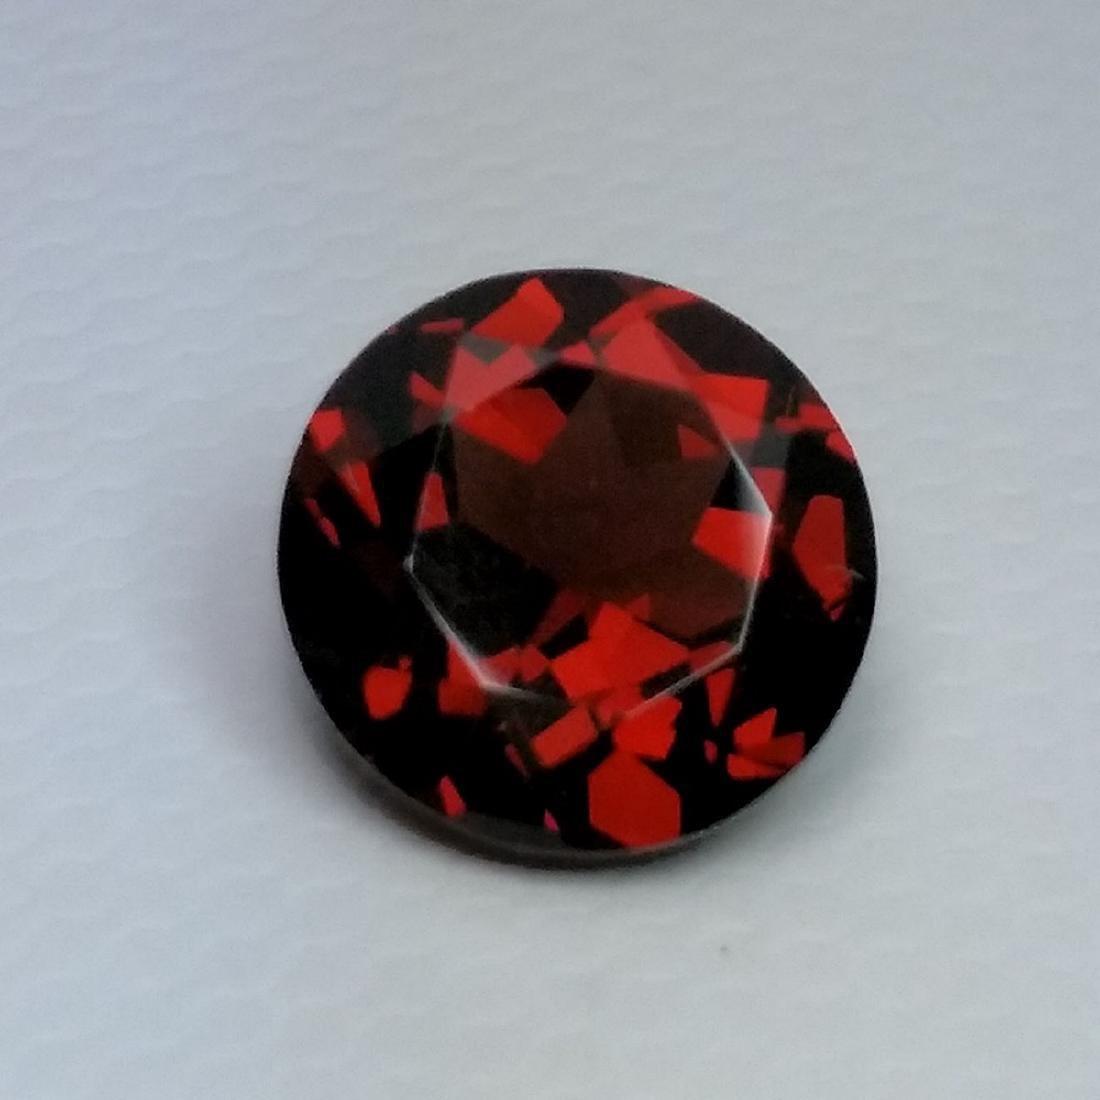 2.13 Carat Loose Pyrope - Almandite Red Garnet